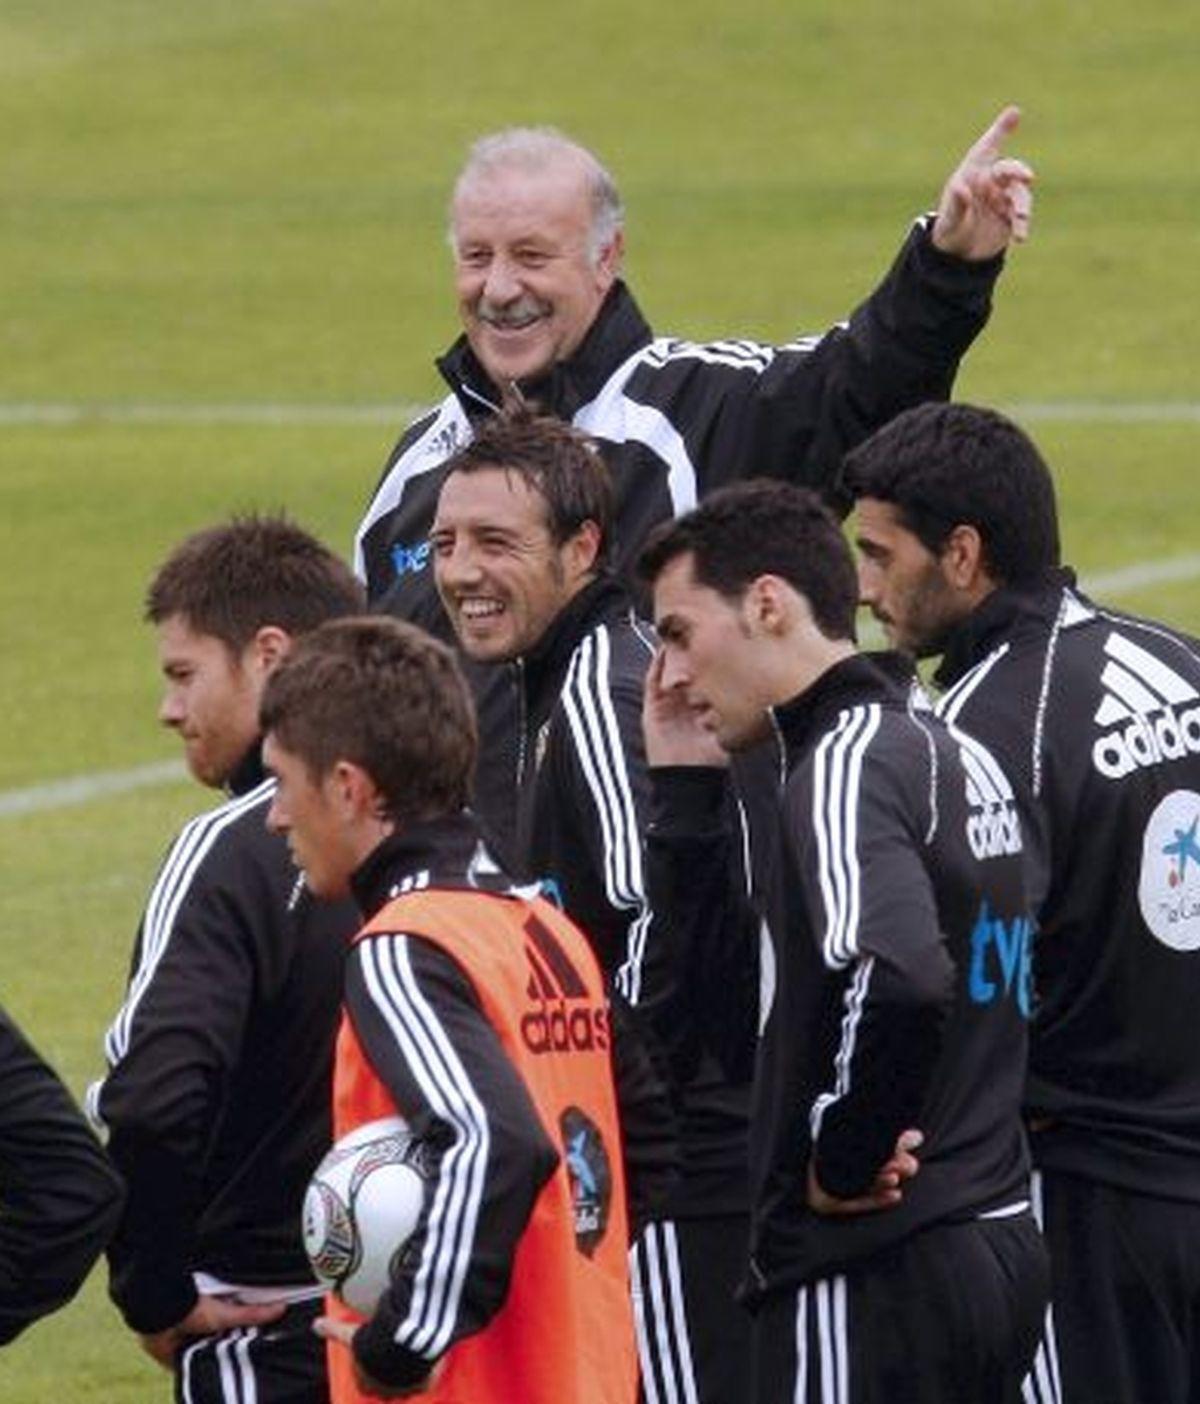 El buen ambiente preside cada entrenamiento de la Selección. Vídeo: Informativos Telecinco.